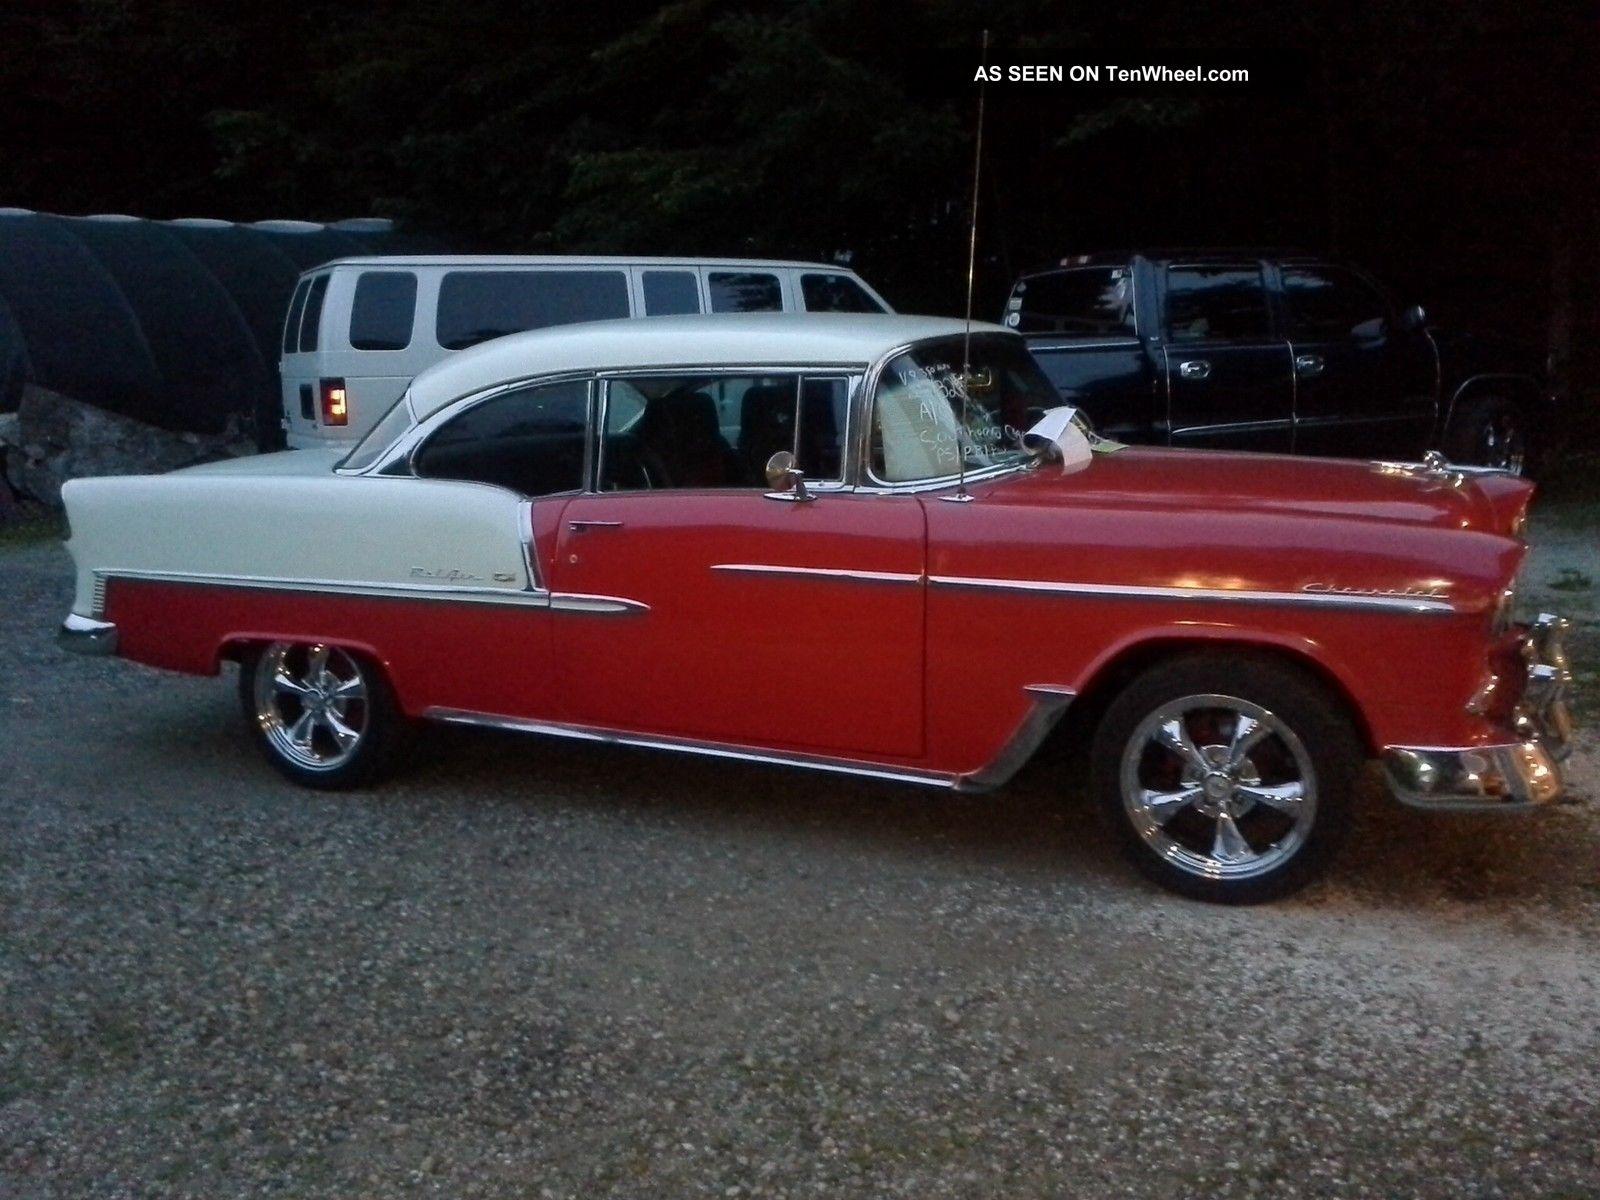 1955 Chevrolet Bel Air 2 Dr Htp Fuel V8 350 Auto Bel Air/150/210 photo